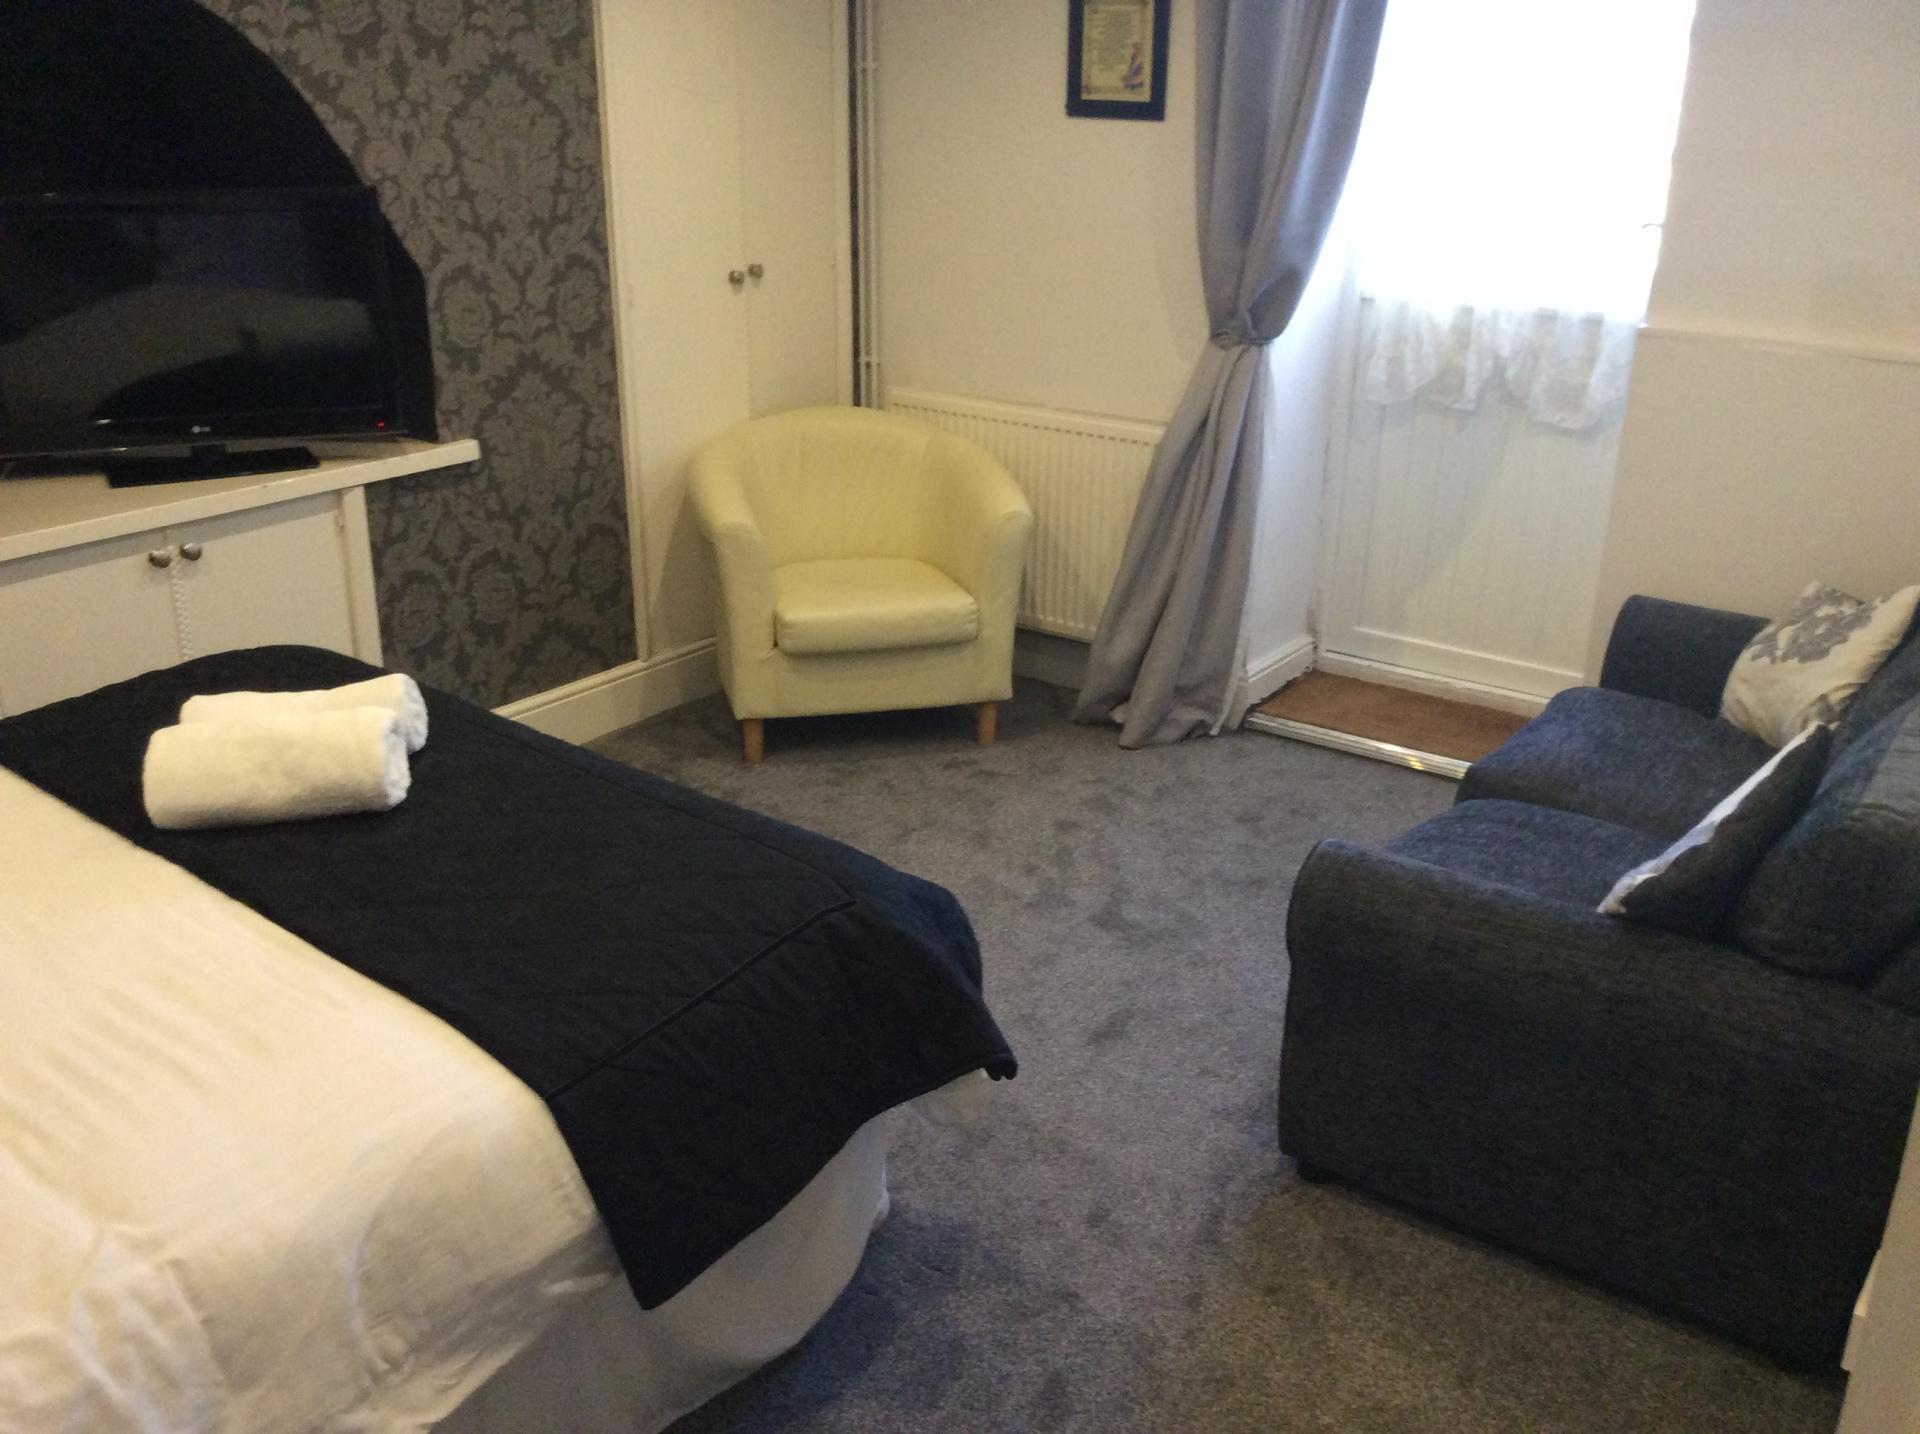 Dorset Suite